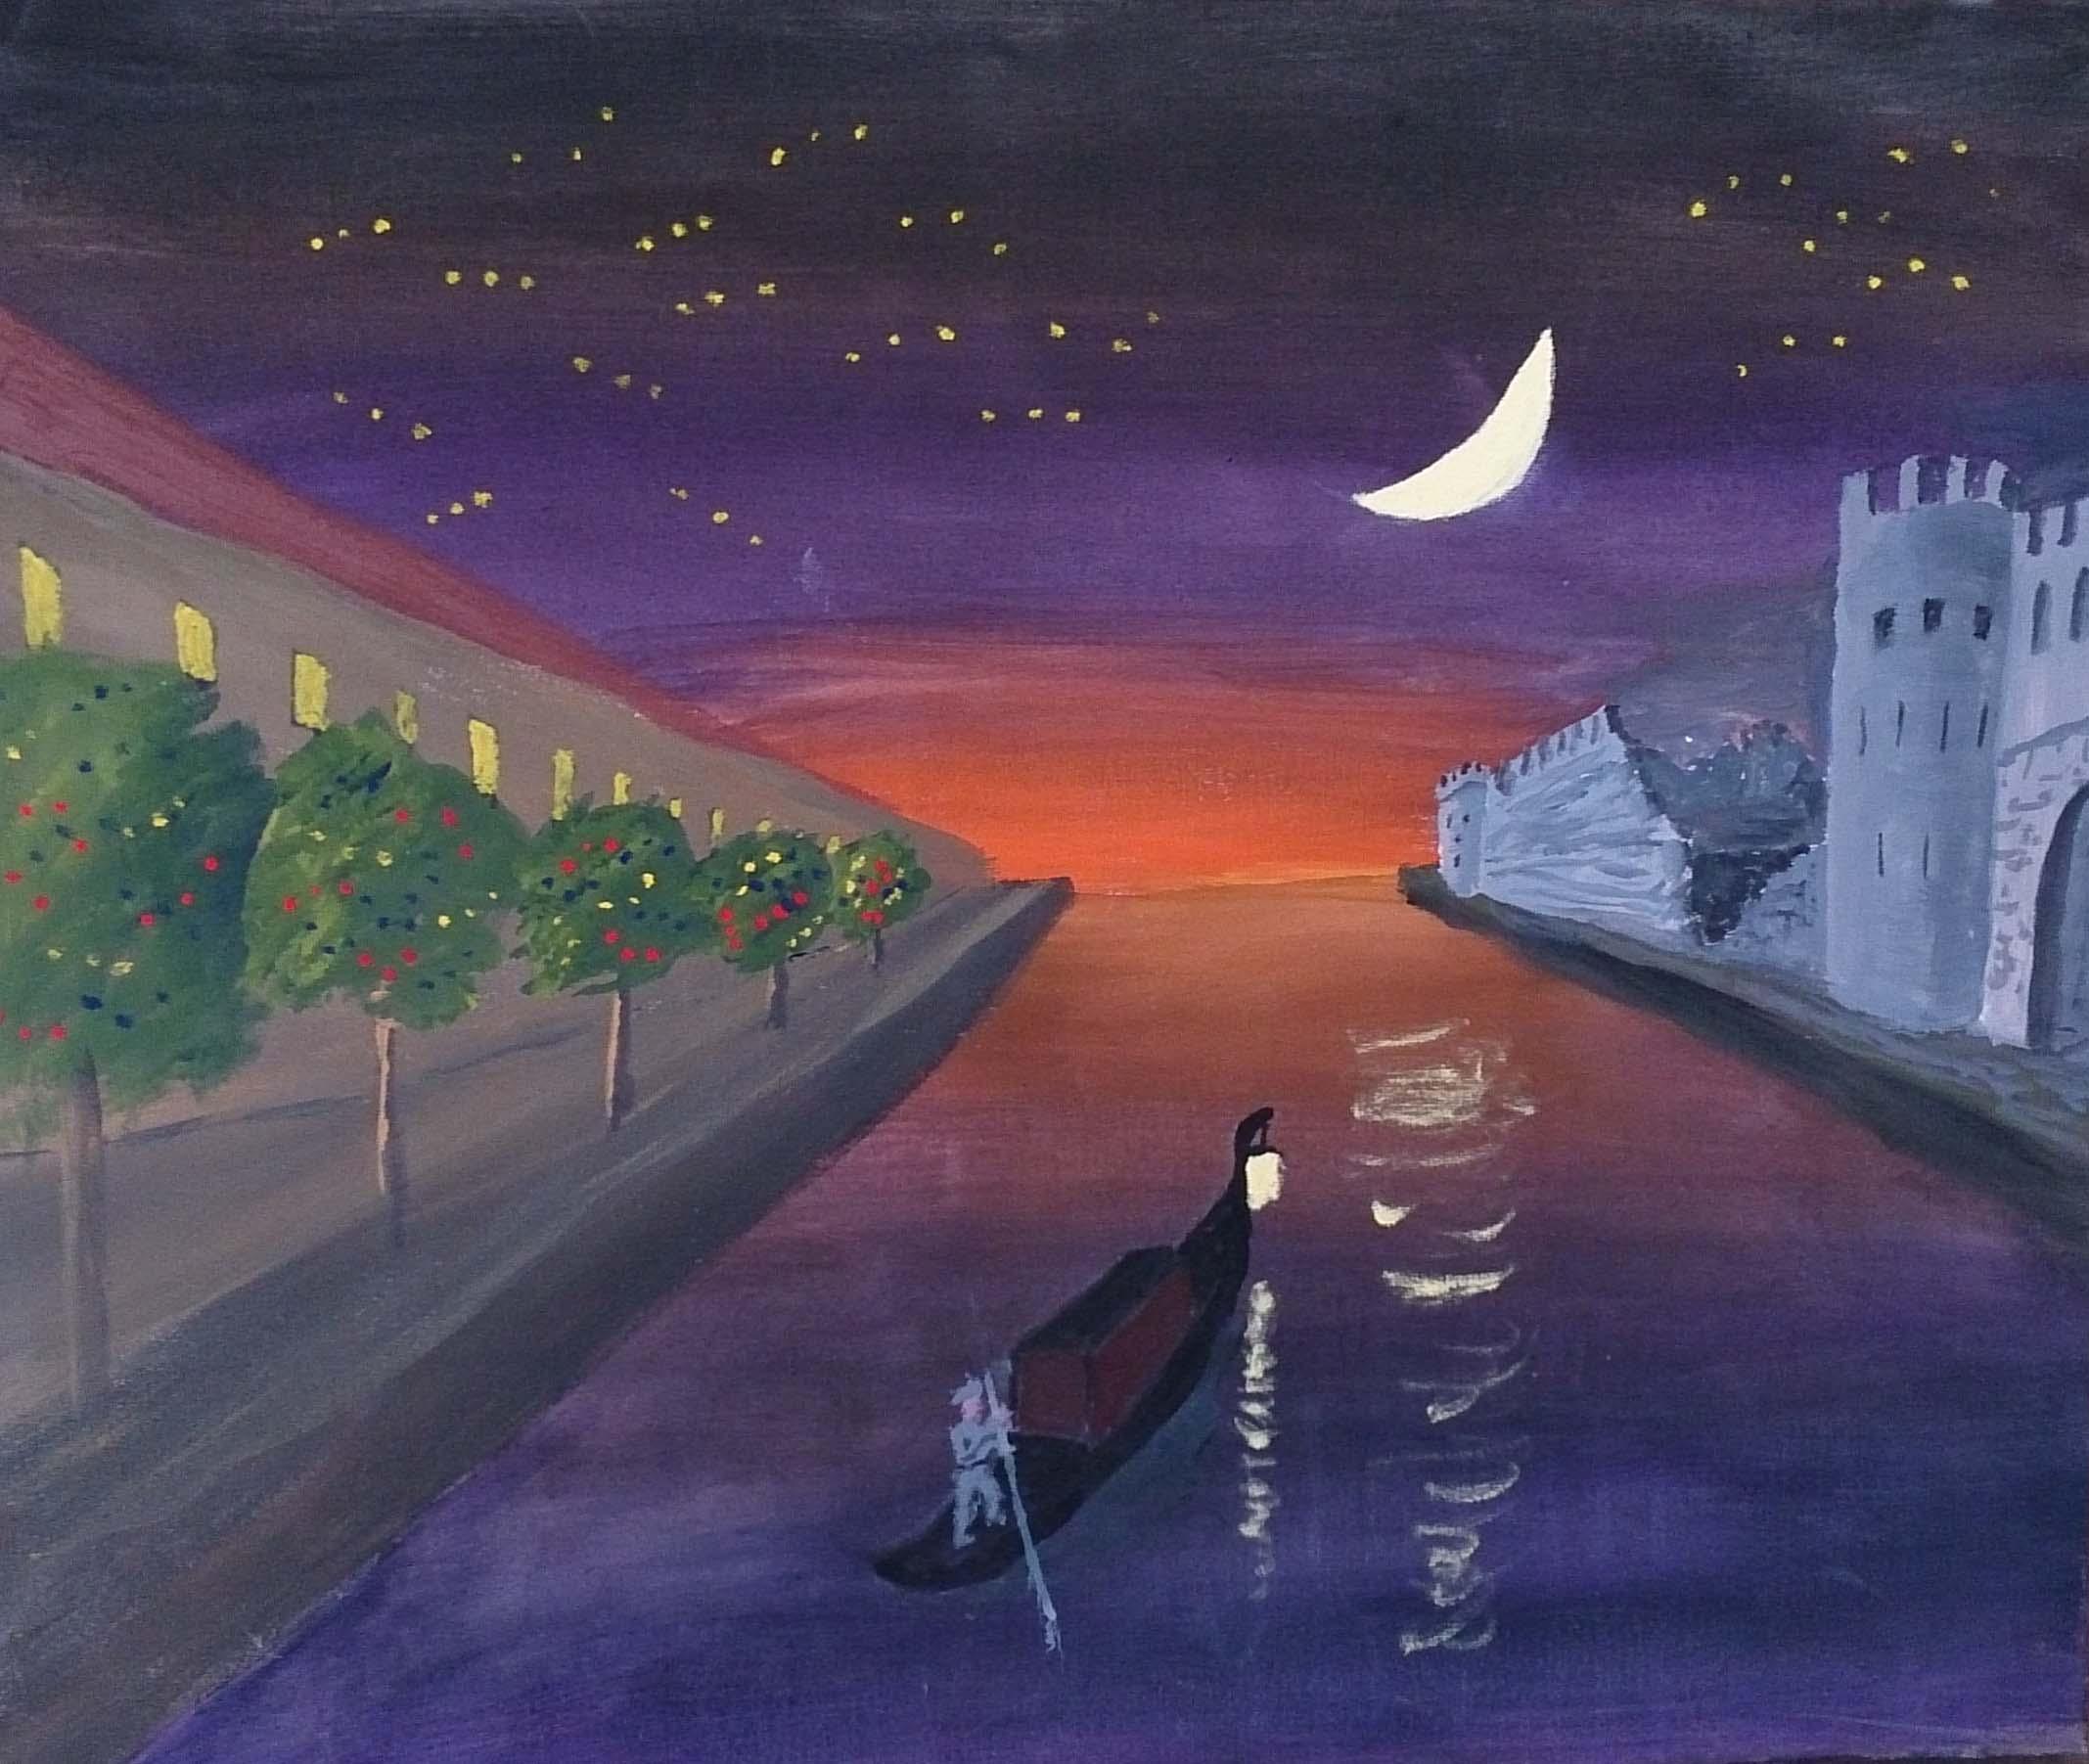 Moonlight Sonata Pottery Barn: Armadale Society Of Artists